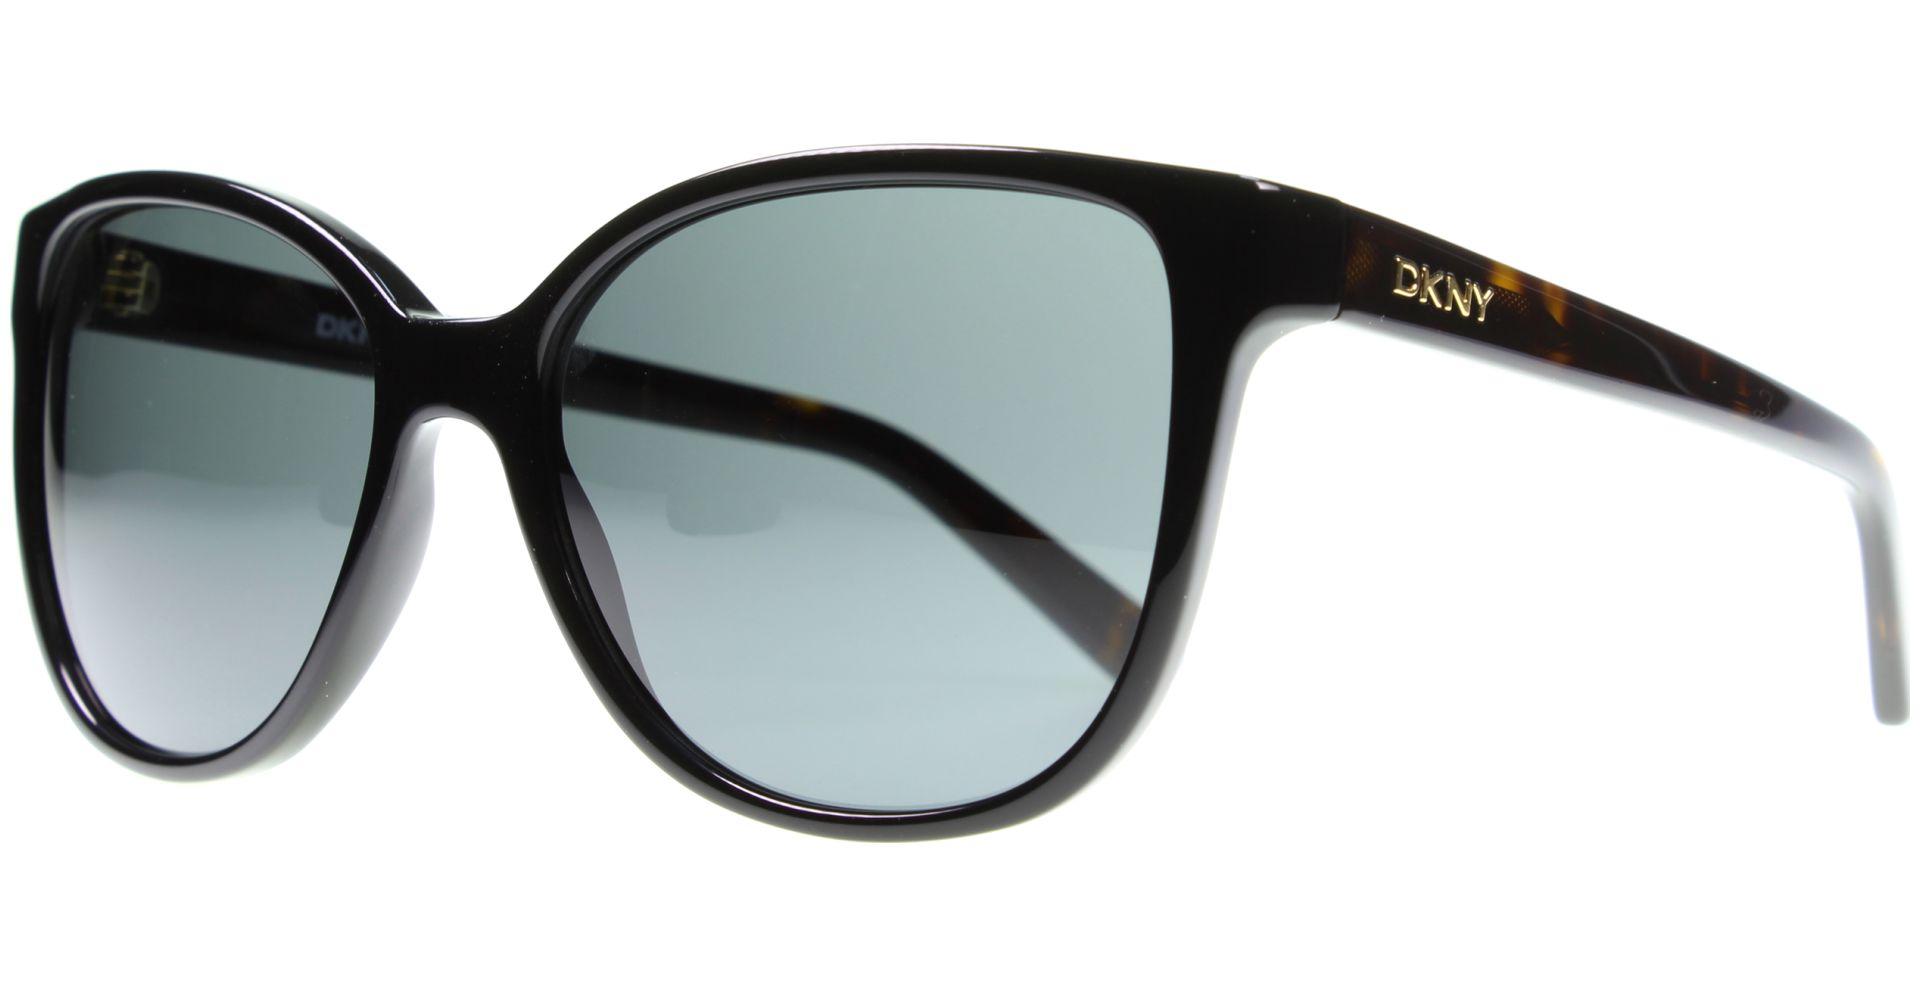 DKNY DY4129 Sonnenbrille Schwarz und Tortoise 300187 57mm R0Yt2Xr